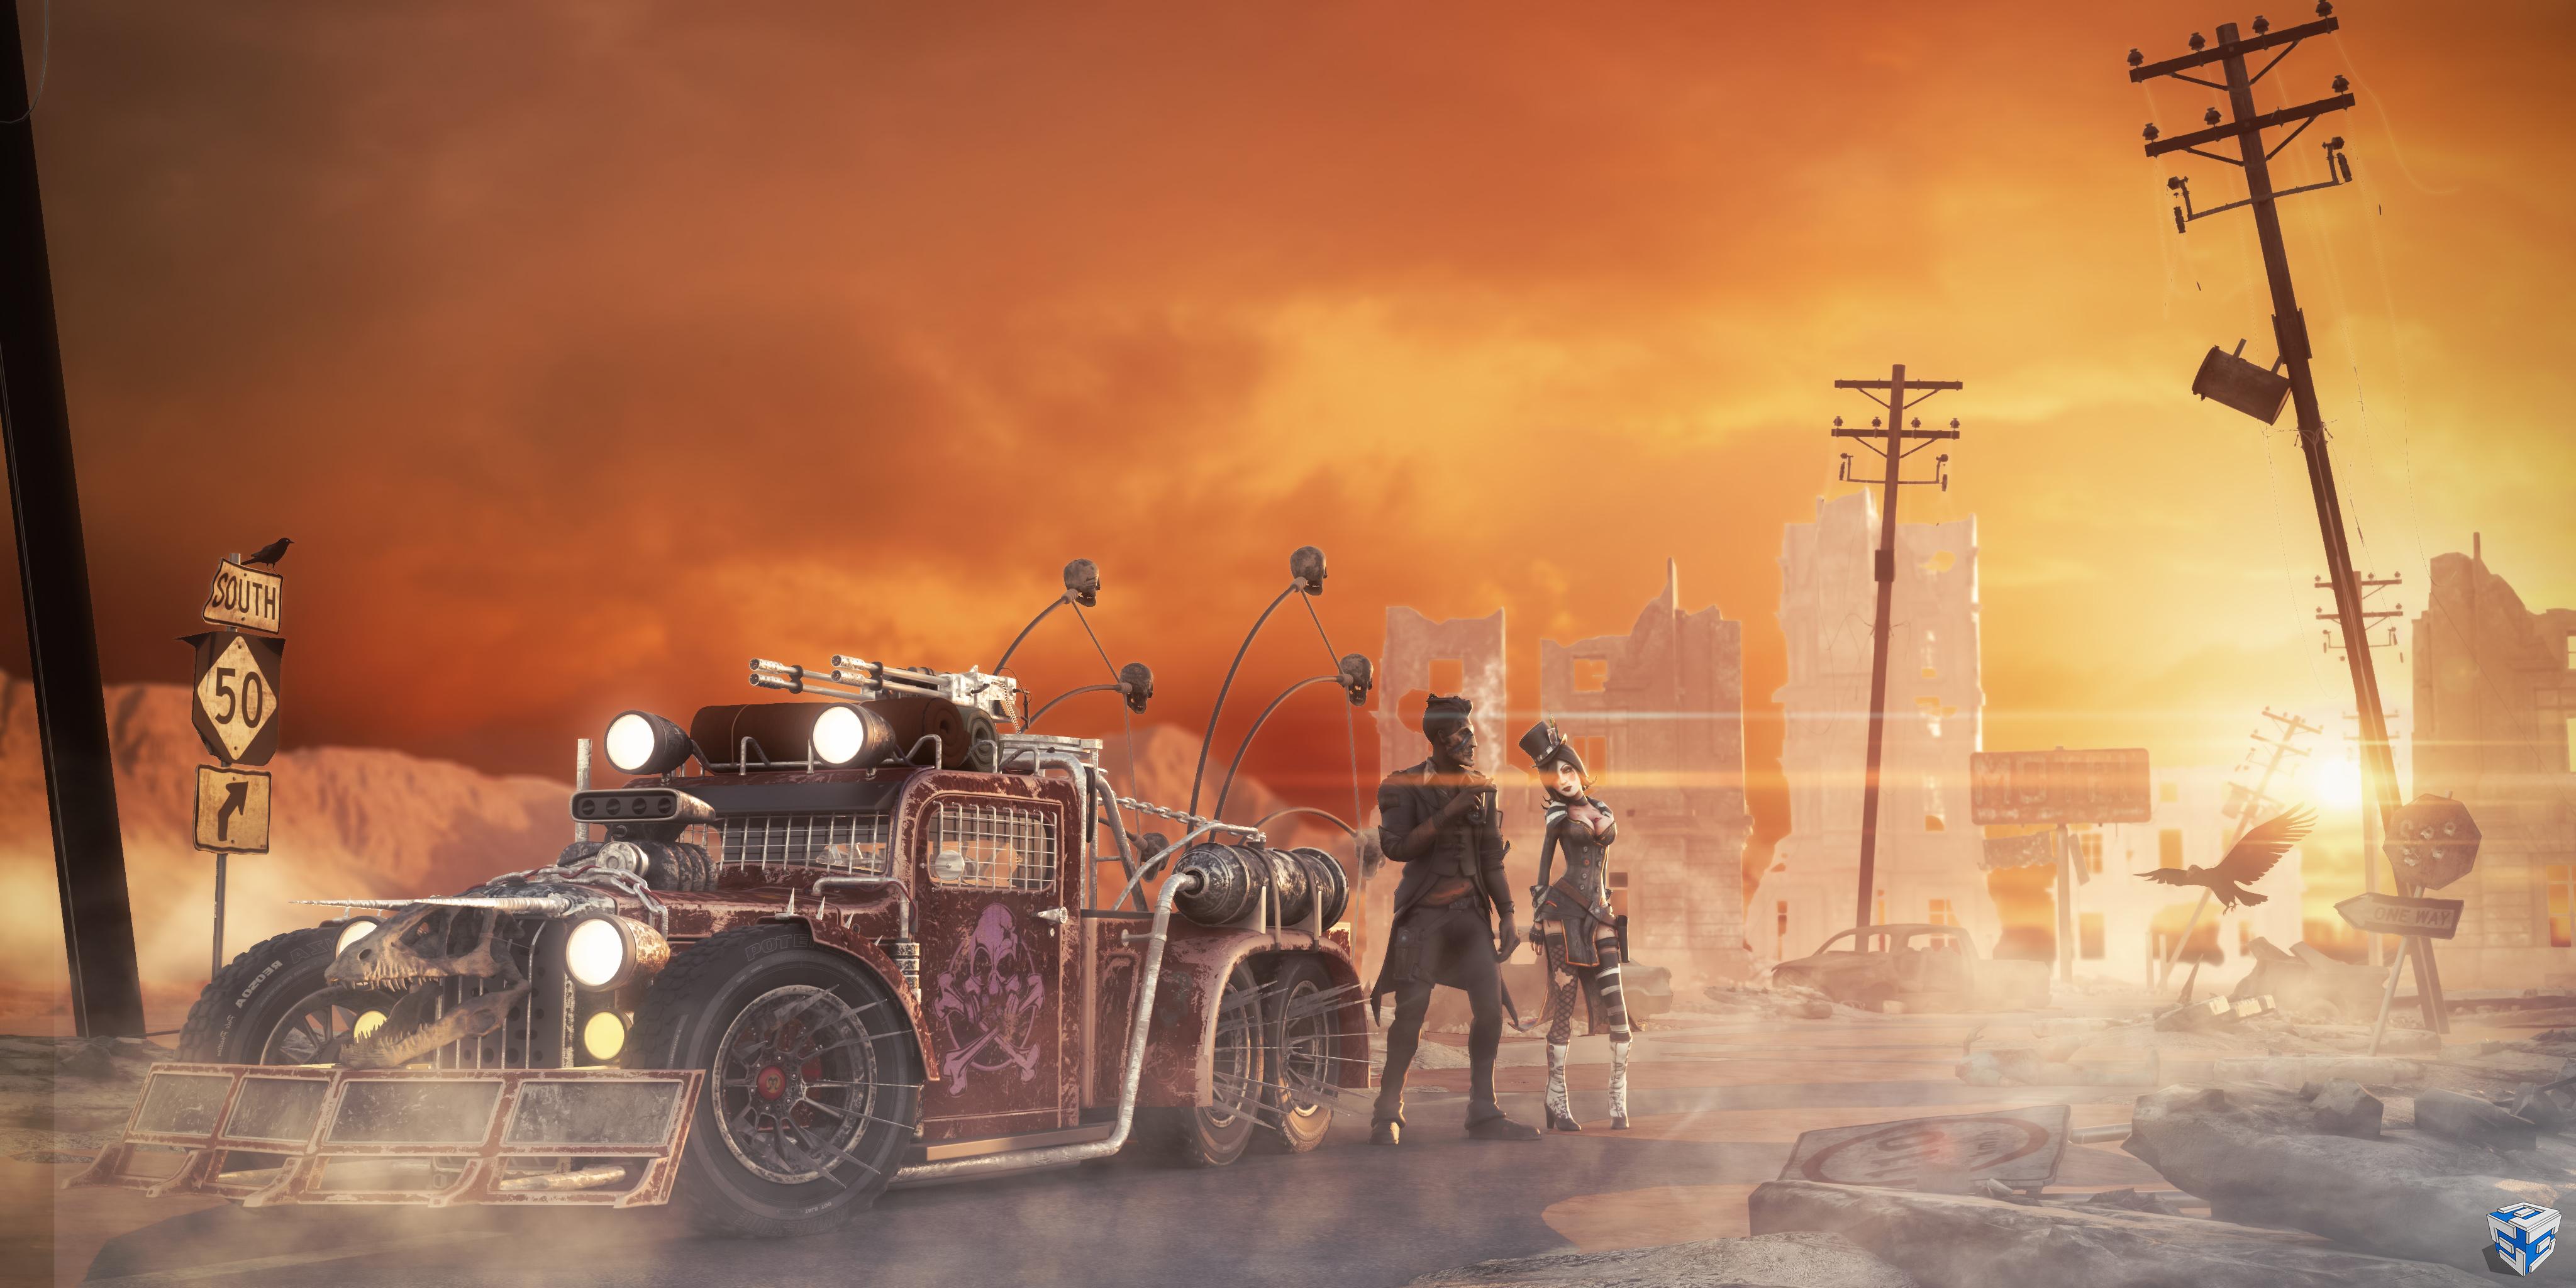 Apocalyptic Hot Rod (Survival Challenge 2018) - Hector Suriel